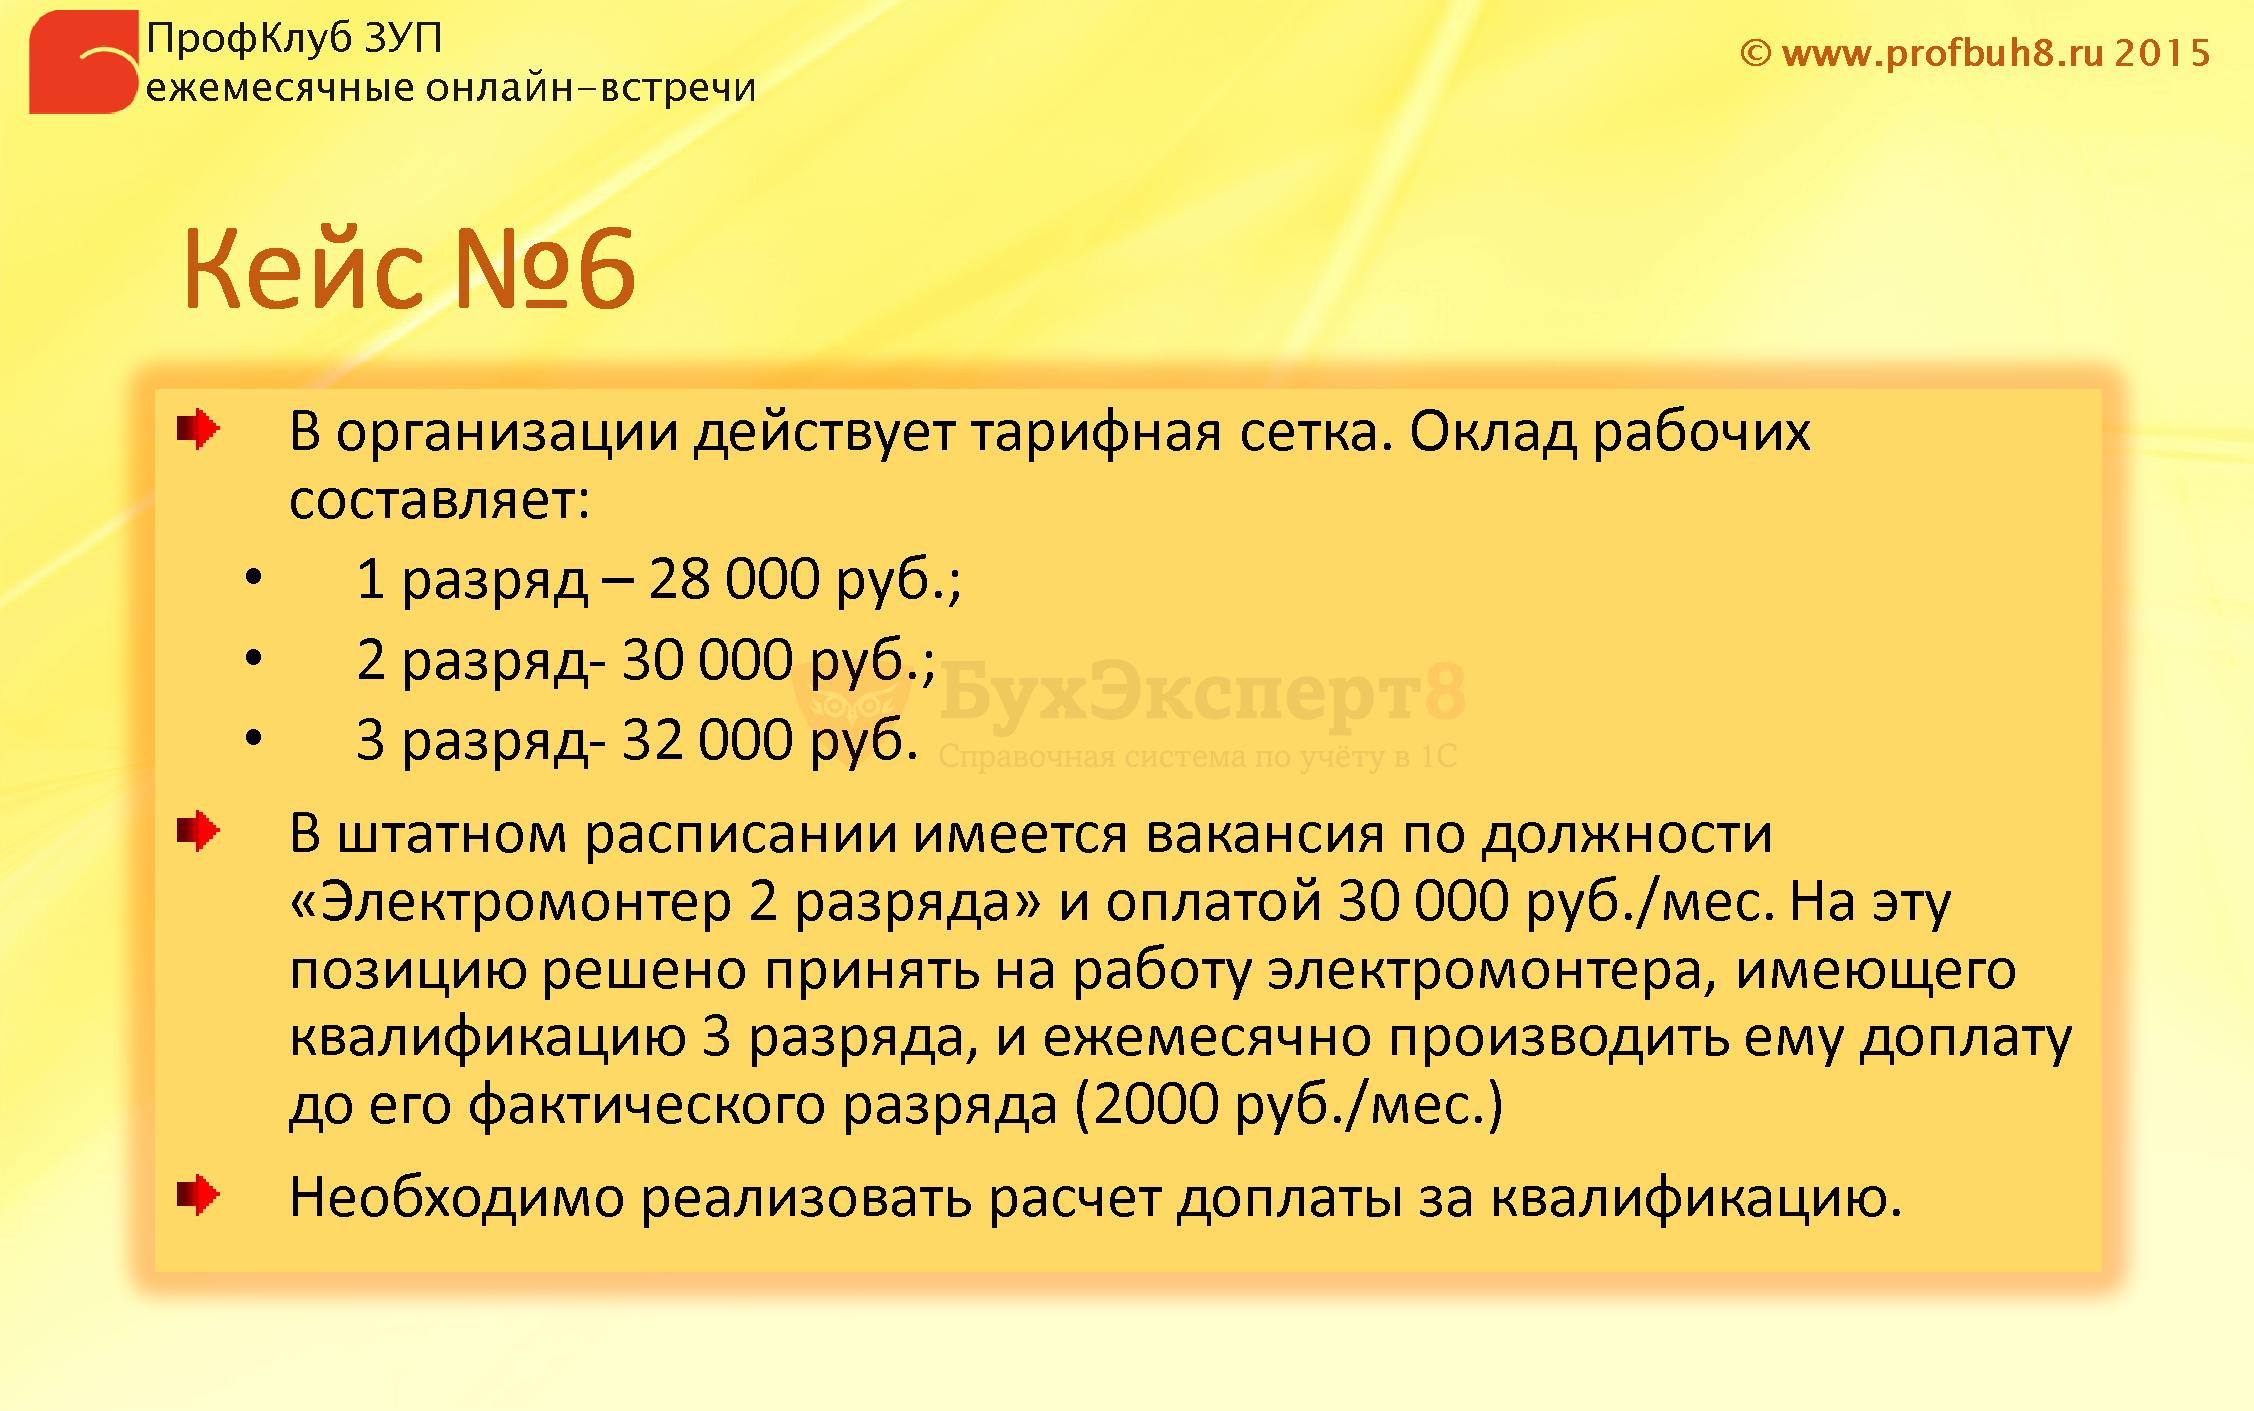 Кейс №6 В организации действует тарифная сетка. Оклад рабочих составляет: 1 разряд – 28 000 руб.; 2 разряд- 30 000 руб.; 3 разряд- 32 000 руб. В штатном расписании имеется вакансия по должности «Электромонтер 2 разряда» и оплатой 30 000 руб./мес. На эту позицию решено принять на работу электромонтера, имеющего квалификацию 3 разряда, и ежемесячно производить ему доплату до его фактического разряда (2000 руб./мес.) Необходимо реализовать расчет доплаты за квалификацию.